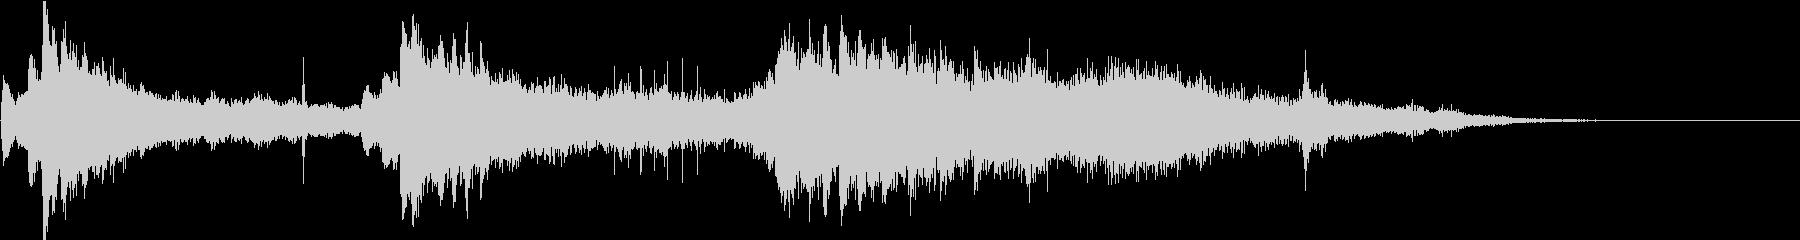 クリスタルピアノのアテンション用ジングルの未再生の波形